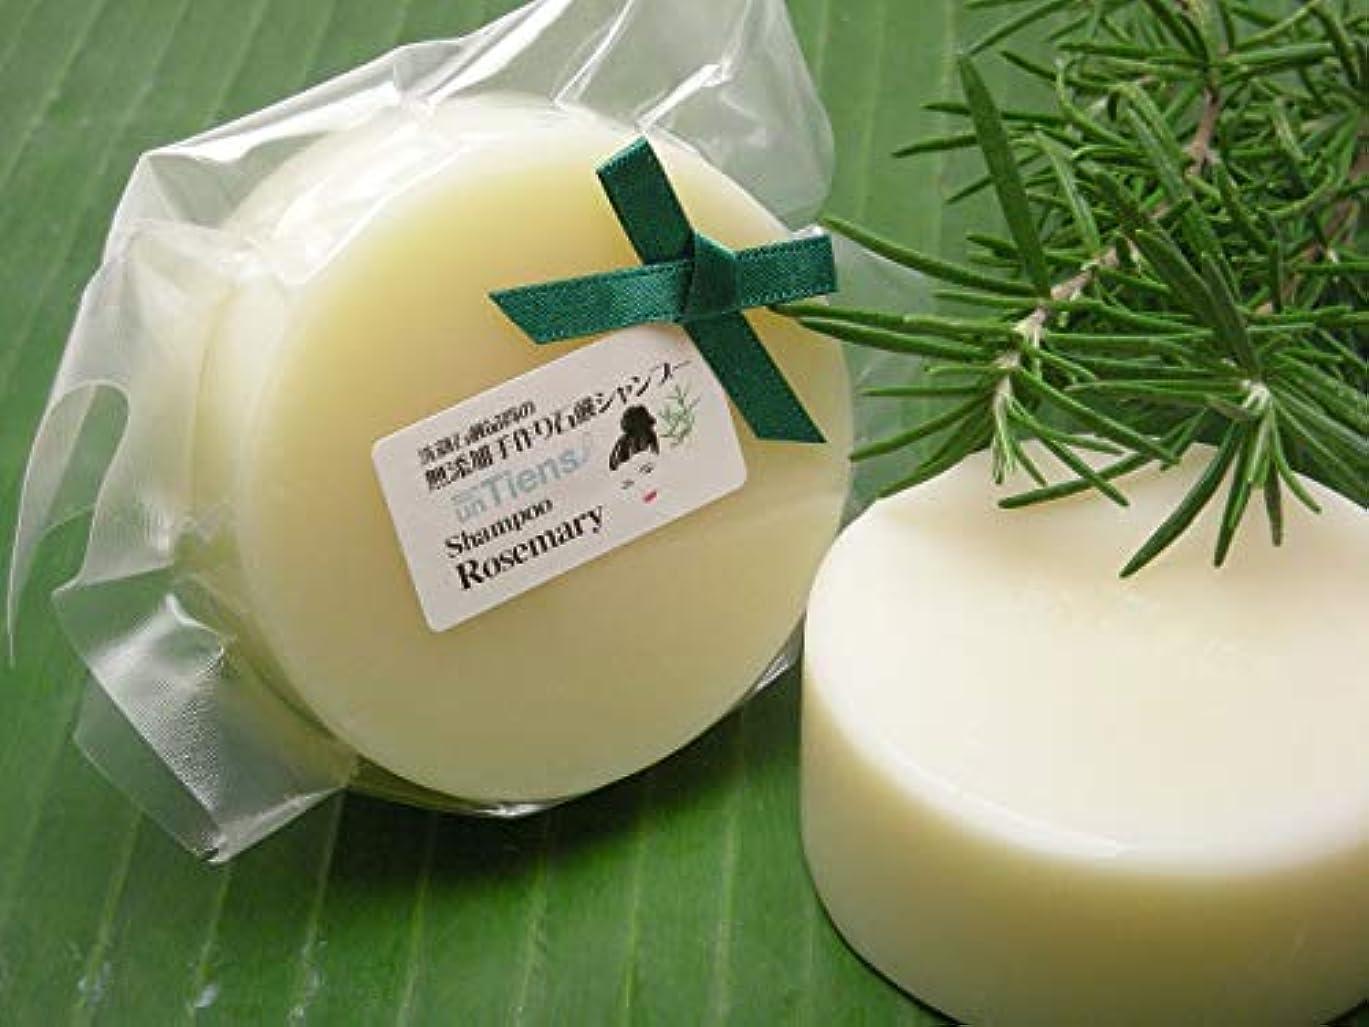 中国ベーカリー血洗顔石鹸品質の無添加手作り固形石鹸シャンプー 「ローズマリー」たっぷり使える丸型100g